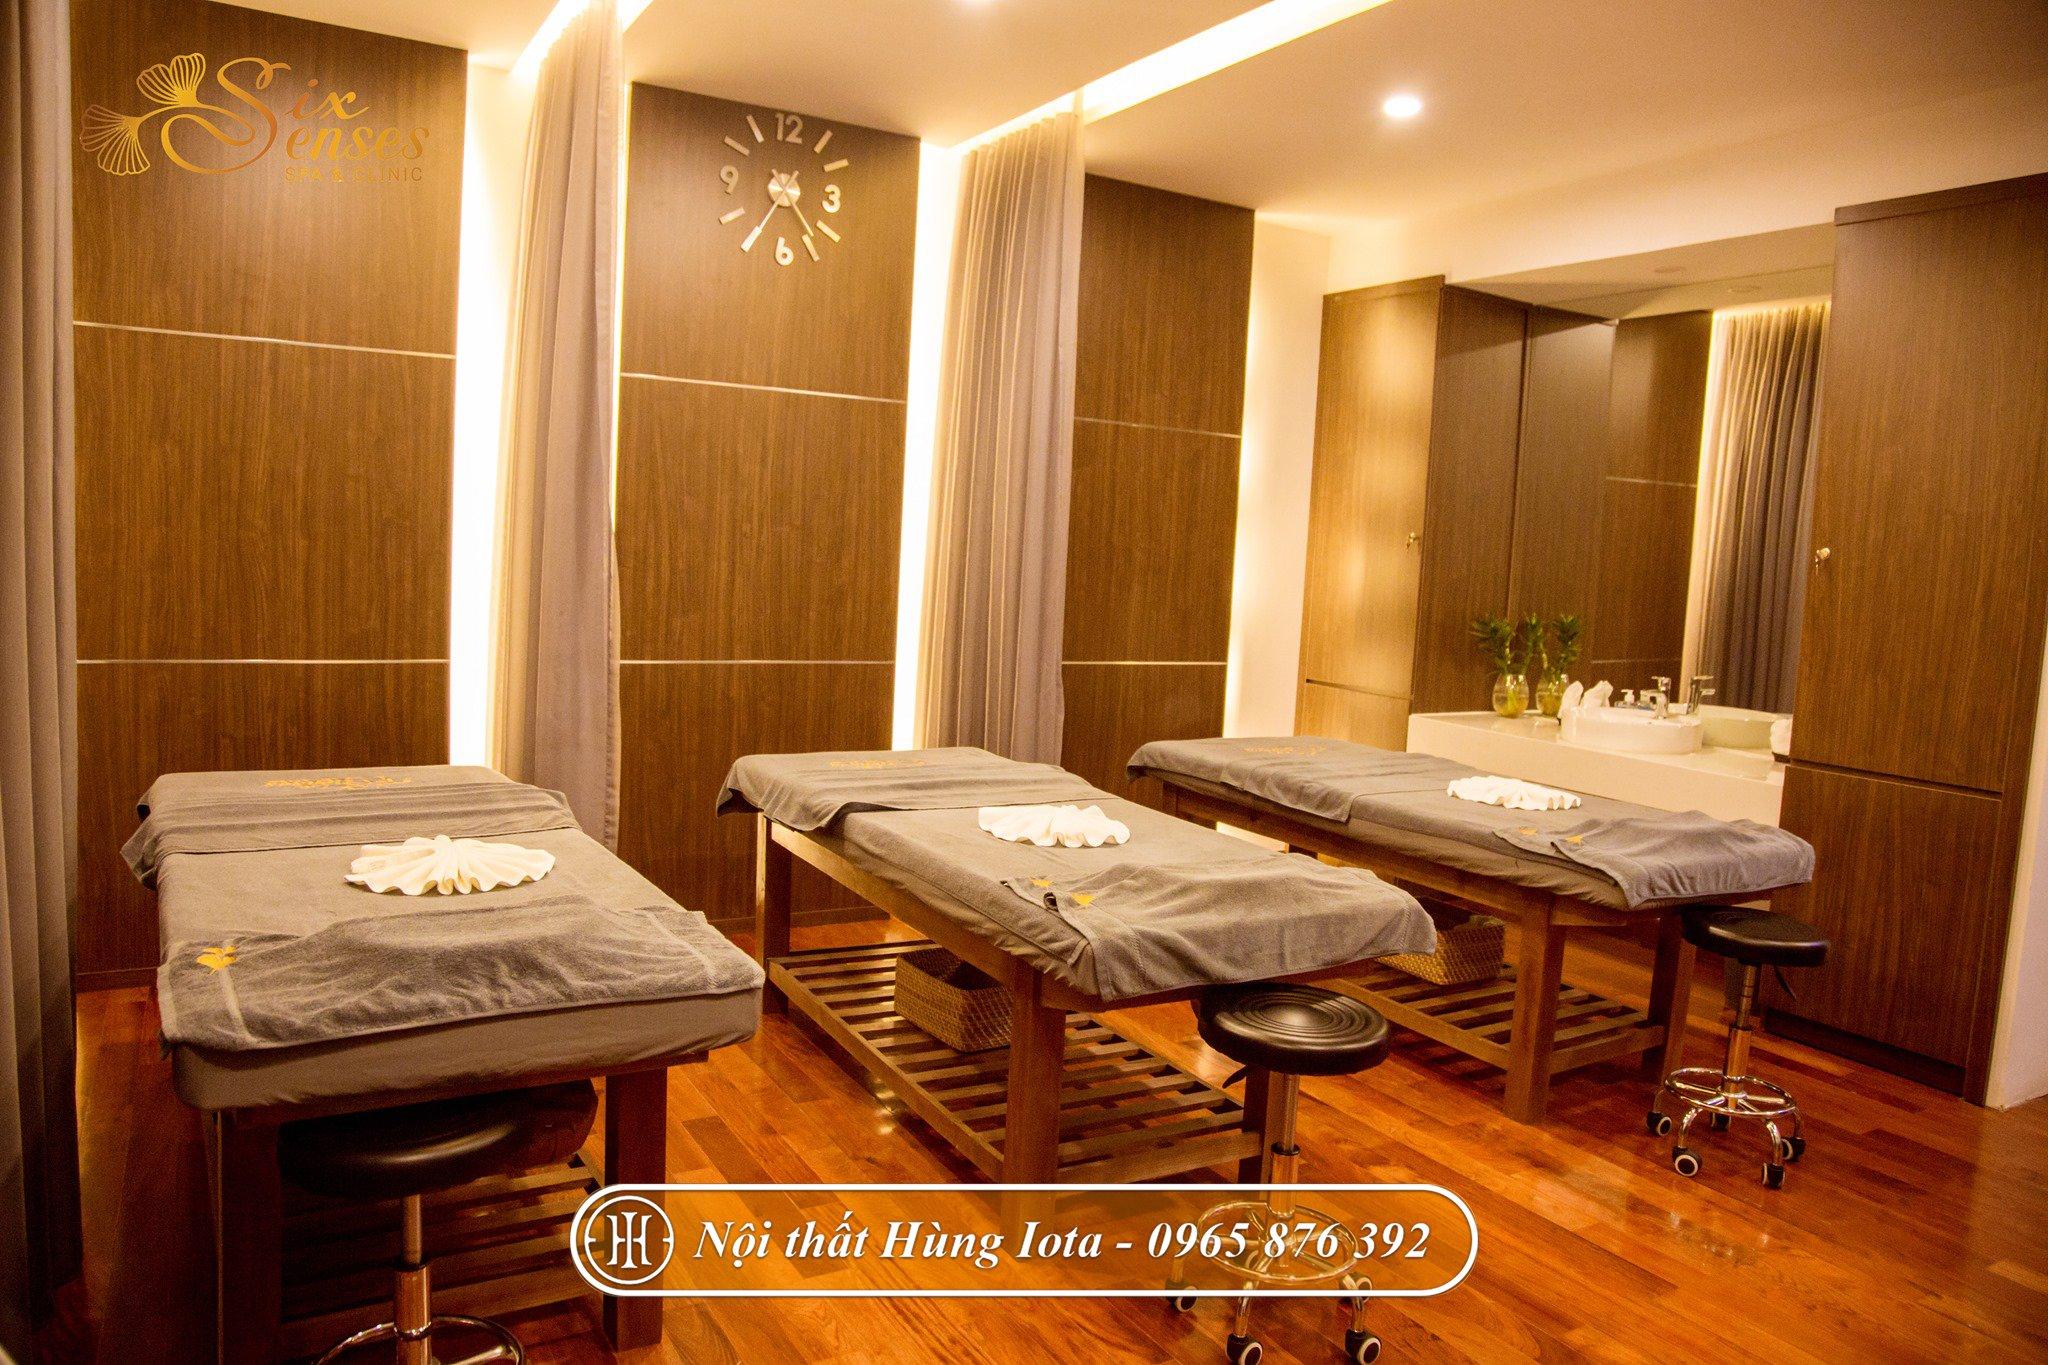 Giường spa hay giường massage body màu hạt dẻ ở Hà Nội - Six Sense